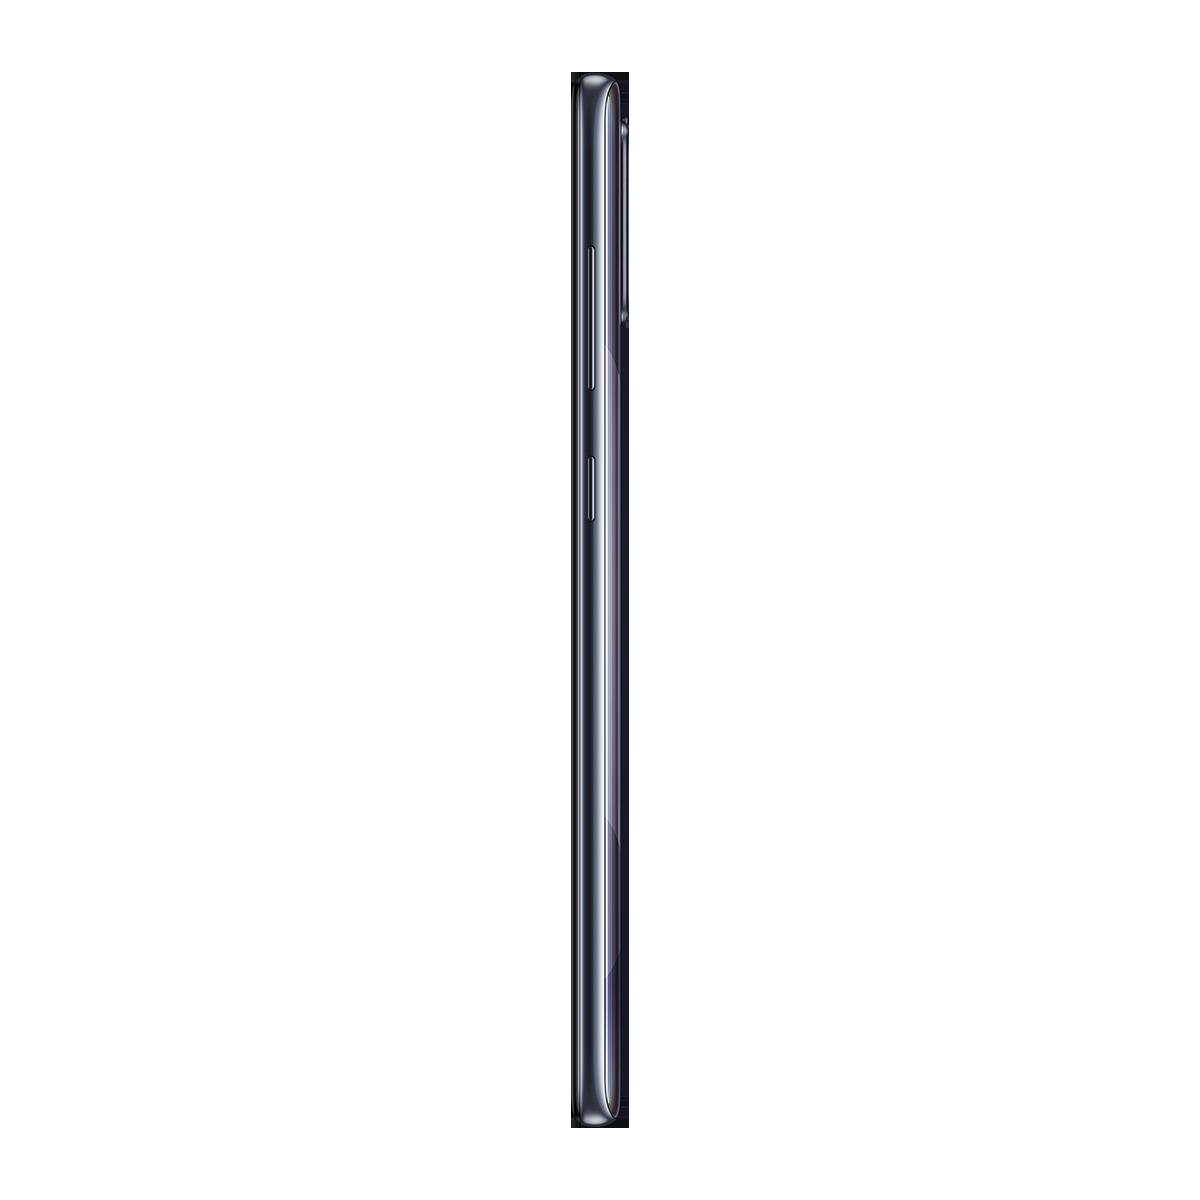 Samsung Galaxy A71 Mobile Videotron